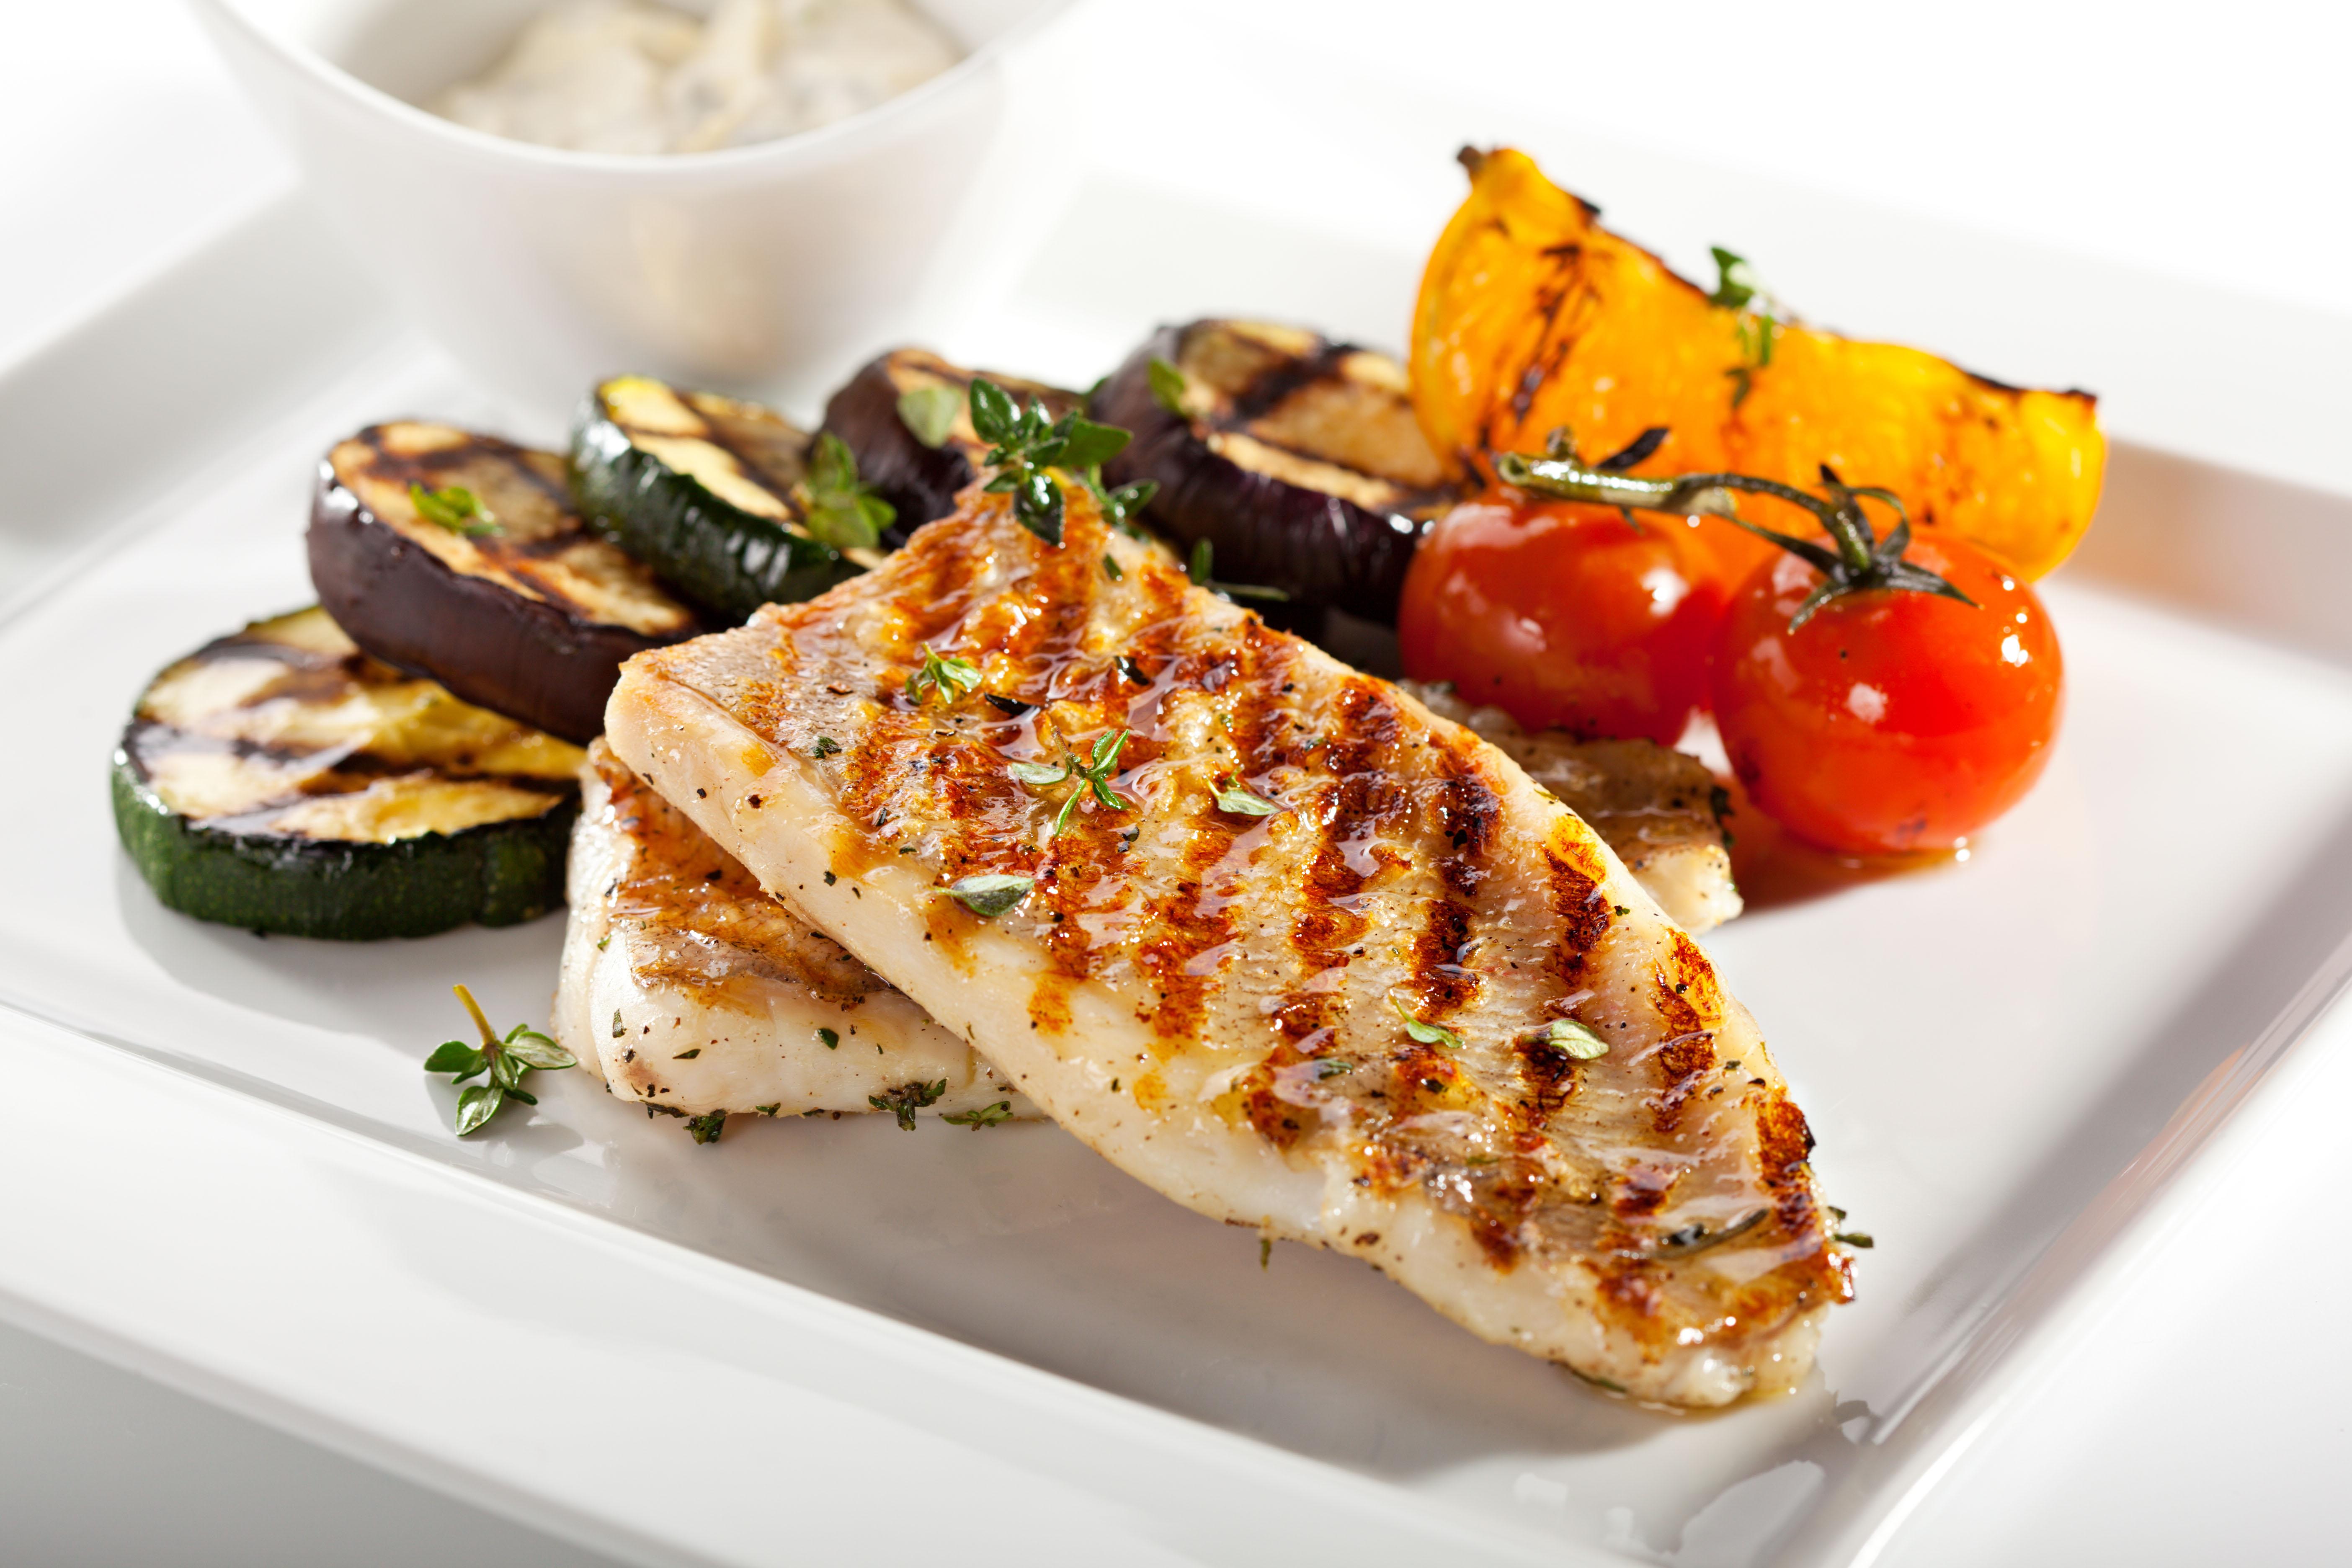 Peixe Grelhado Com Legumes é um prato leve e de preparo simples. Vai muito bem no dia a dia / GB Imagem